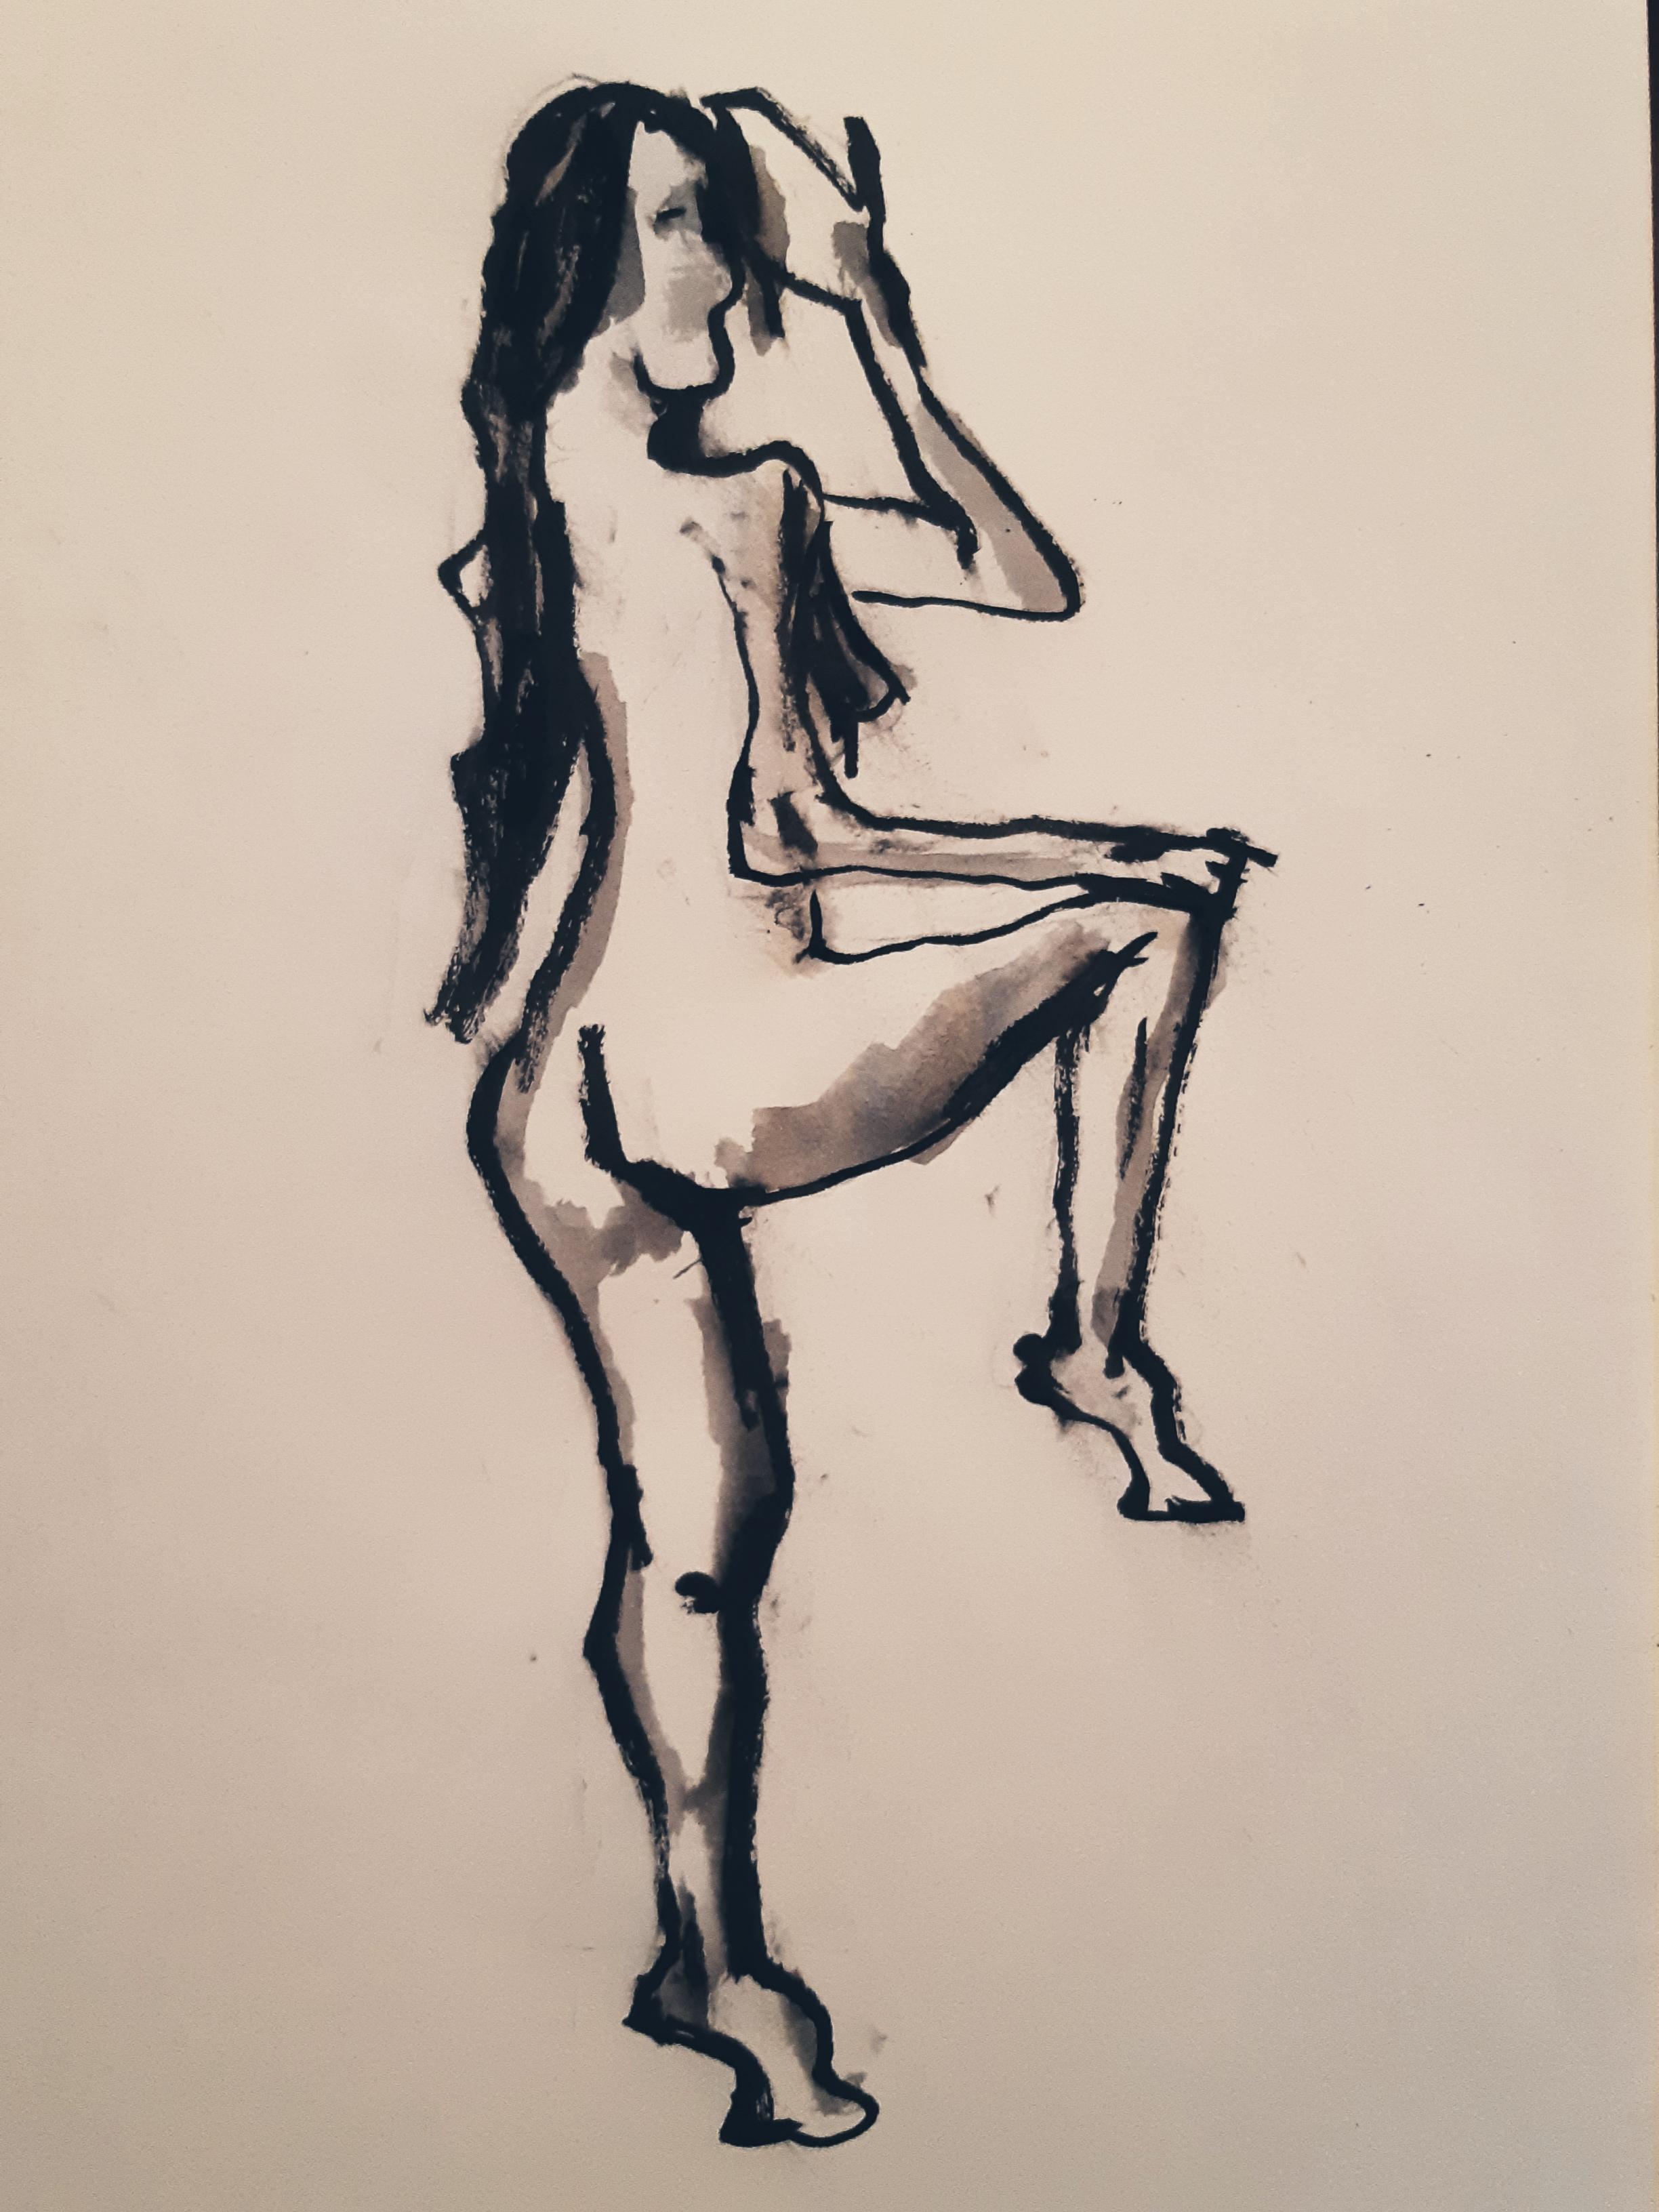 Femme trois quarts dos encre de Chine brute et diluer dessin sur papier  cours de dessin